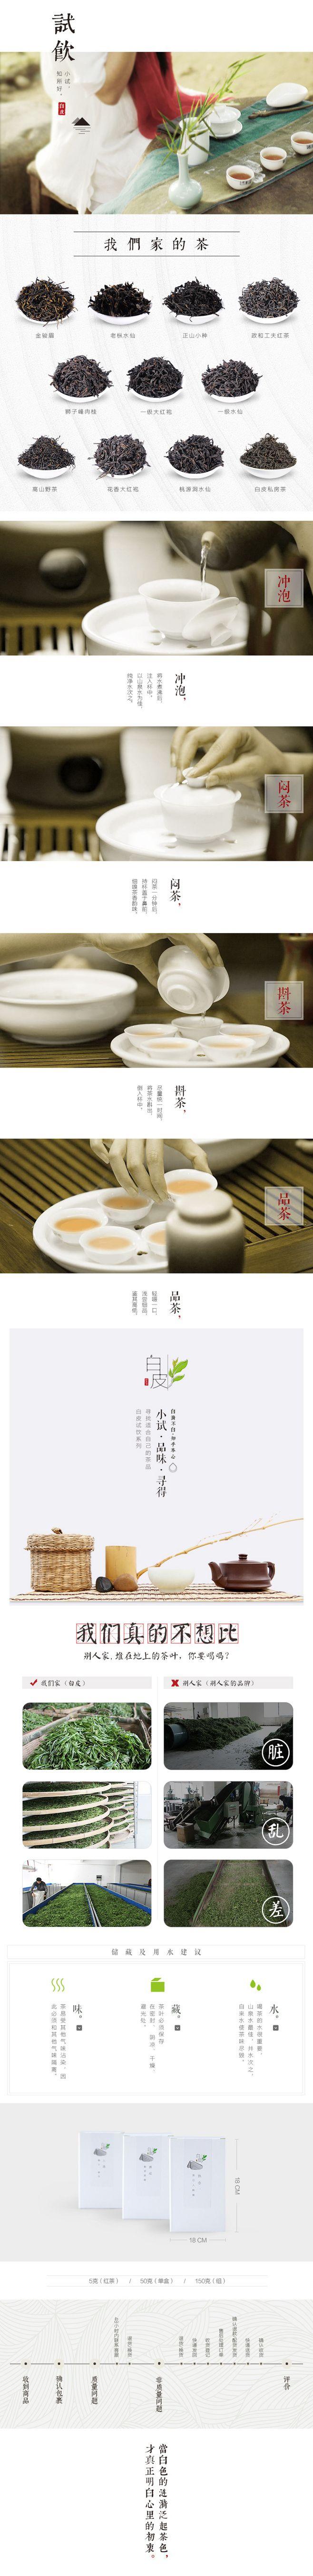 中国风茶文化详情页2|电子商务/商城|网...